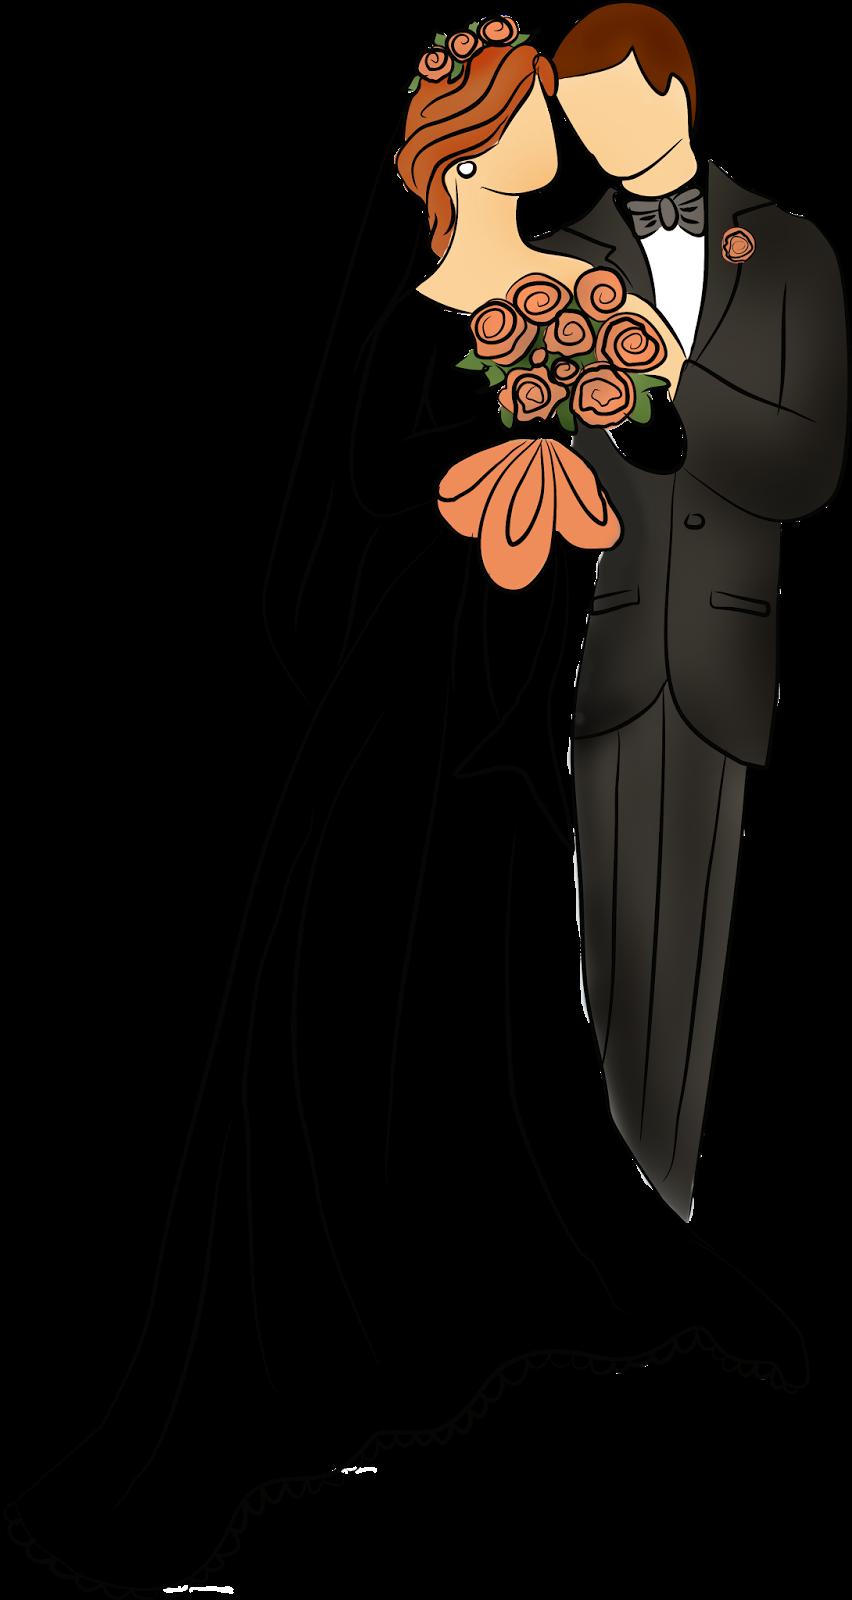 re ayuda por favor Espero me ayuden por favor gracias martiniano cantidad de env os: localizacion: san luis del palmar - corrientes re: ayuda por favor por martiniano el jue mayo 19 2016, 12:59 y bueno aparentemente no le paso a nadie gracias igual por las ayudas saludos martiniano cantidad de.